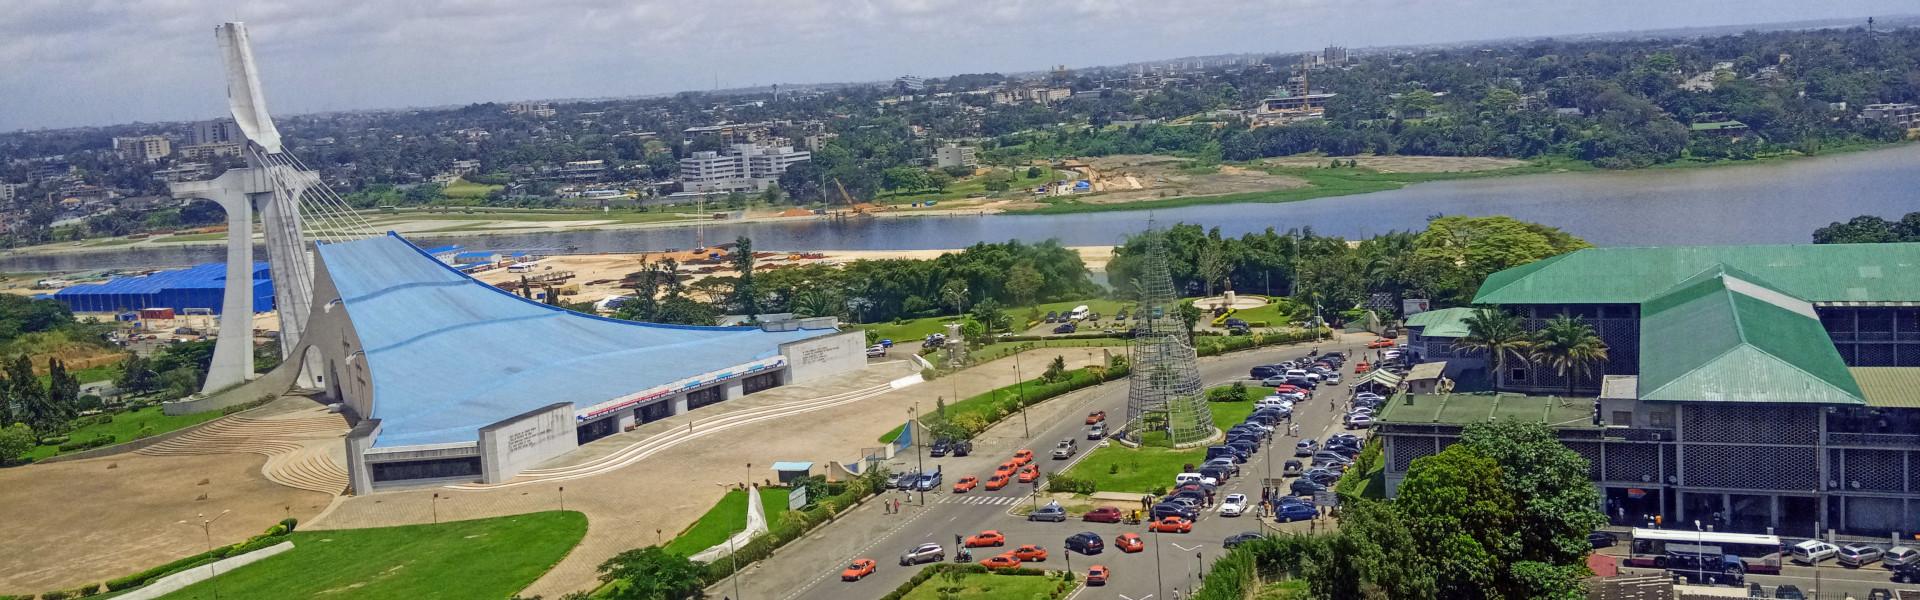 Main image ofAkwaba - Bienvenue en Côte d'Ivoire !